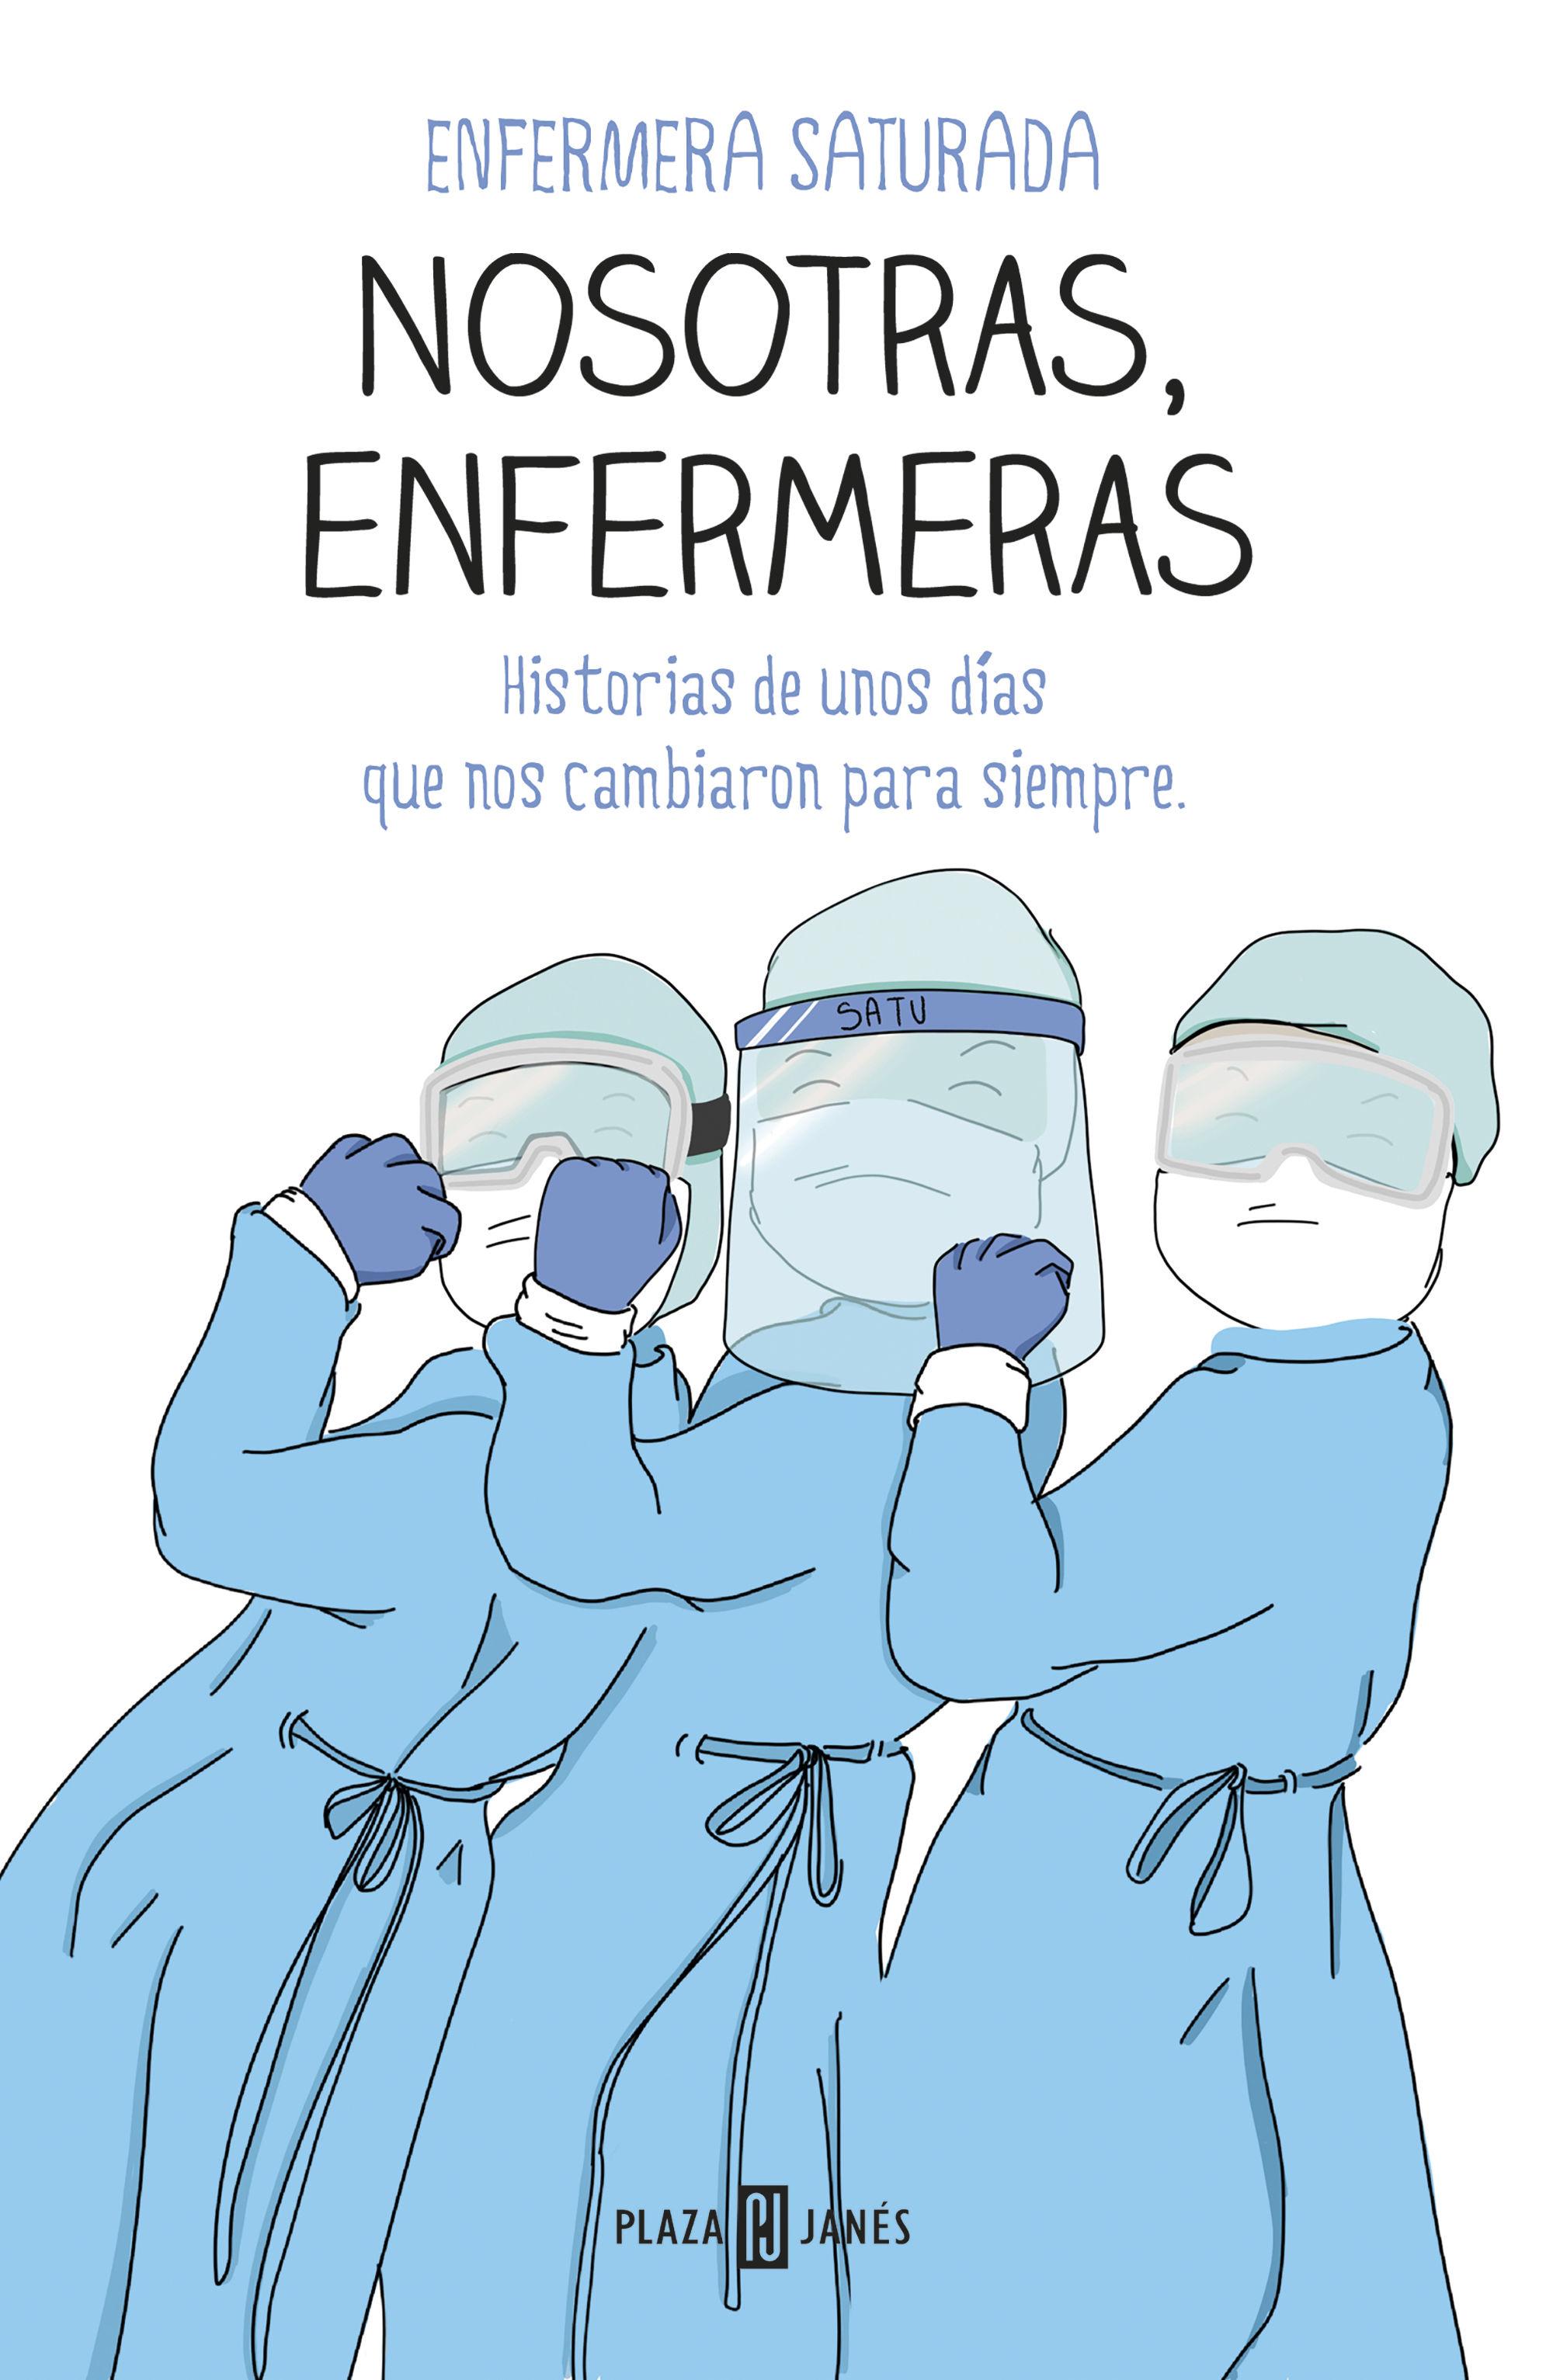 NOSOTRAS ENFERMERAS